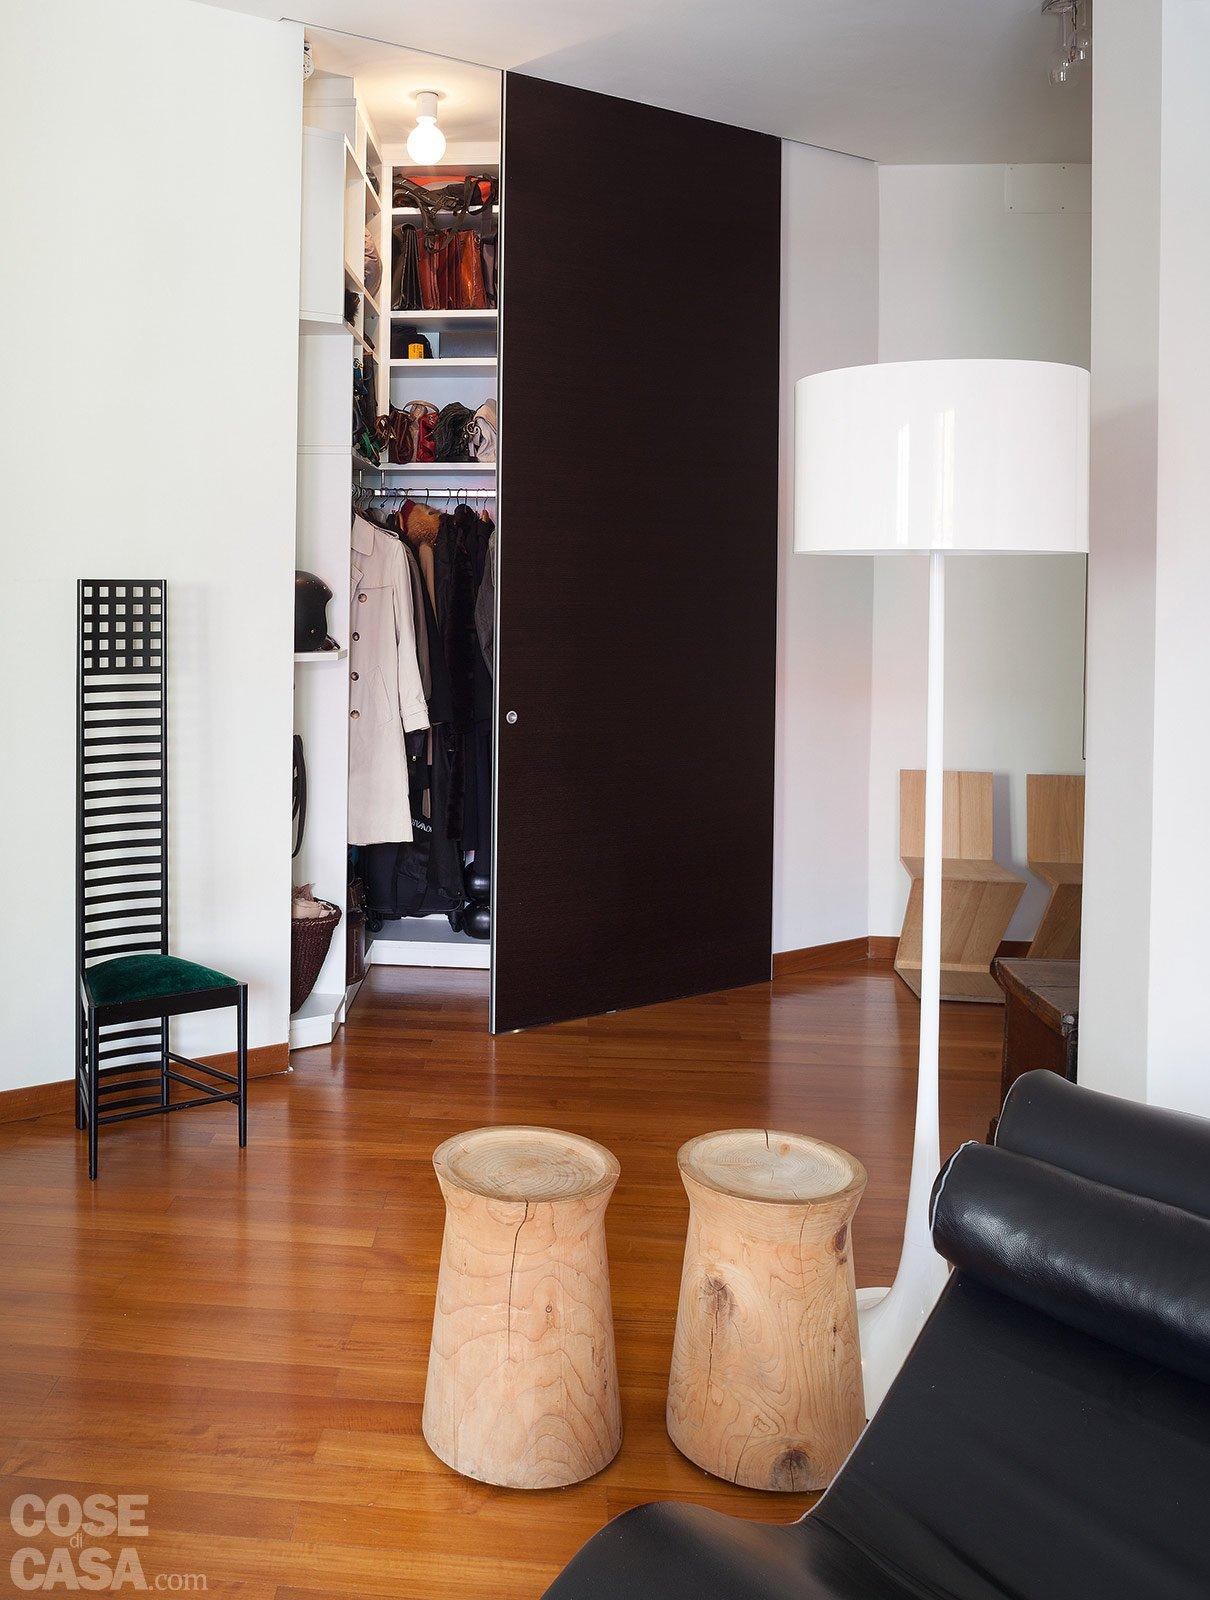 Via il corridoio spazi pi ampi cose di casa - Segreti per profumare la casa ...